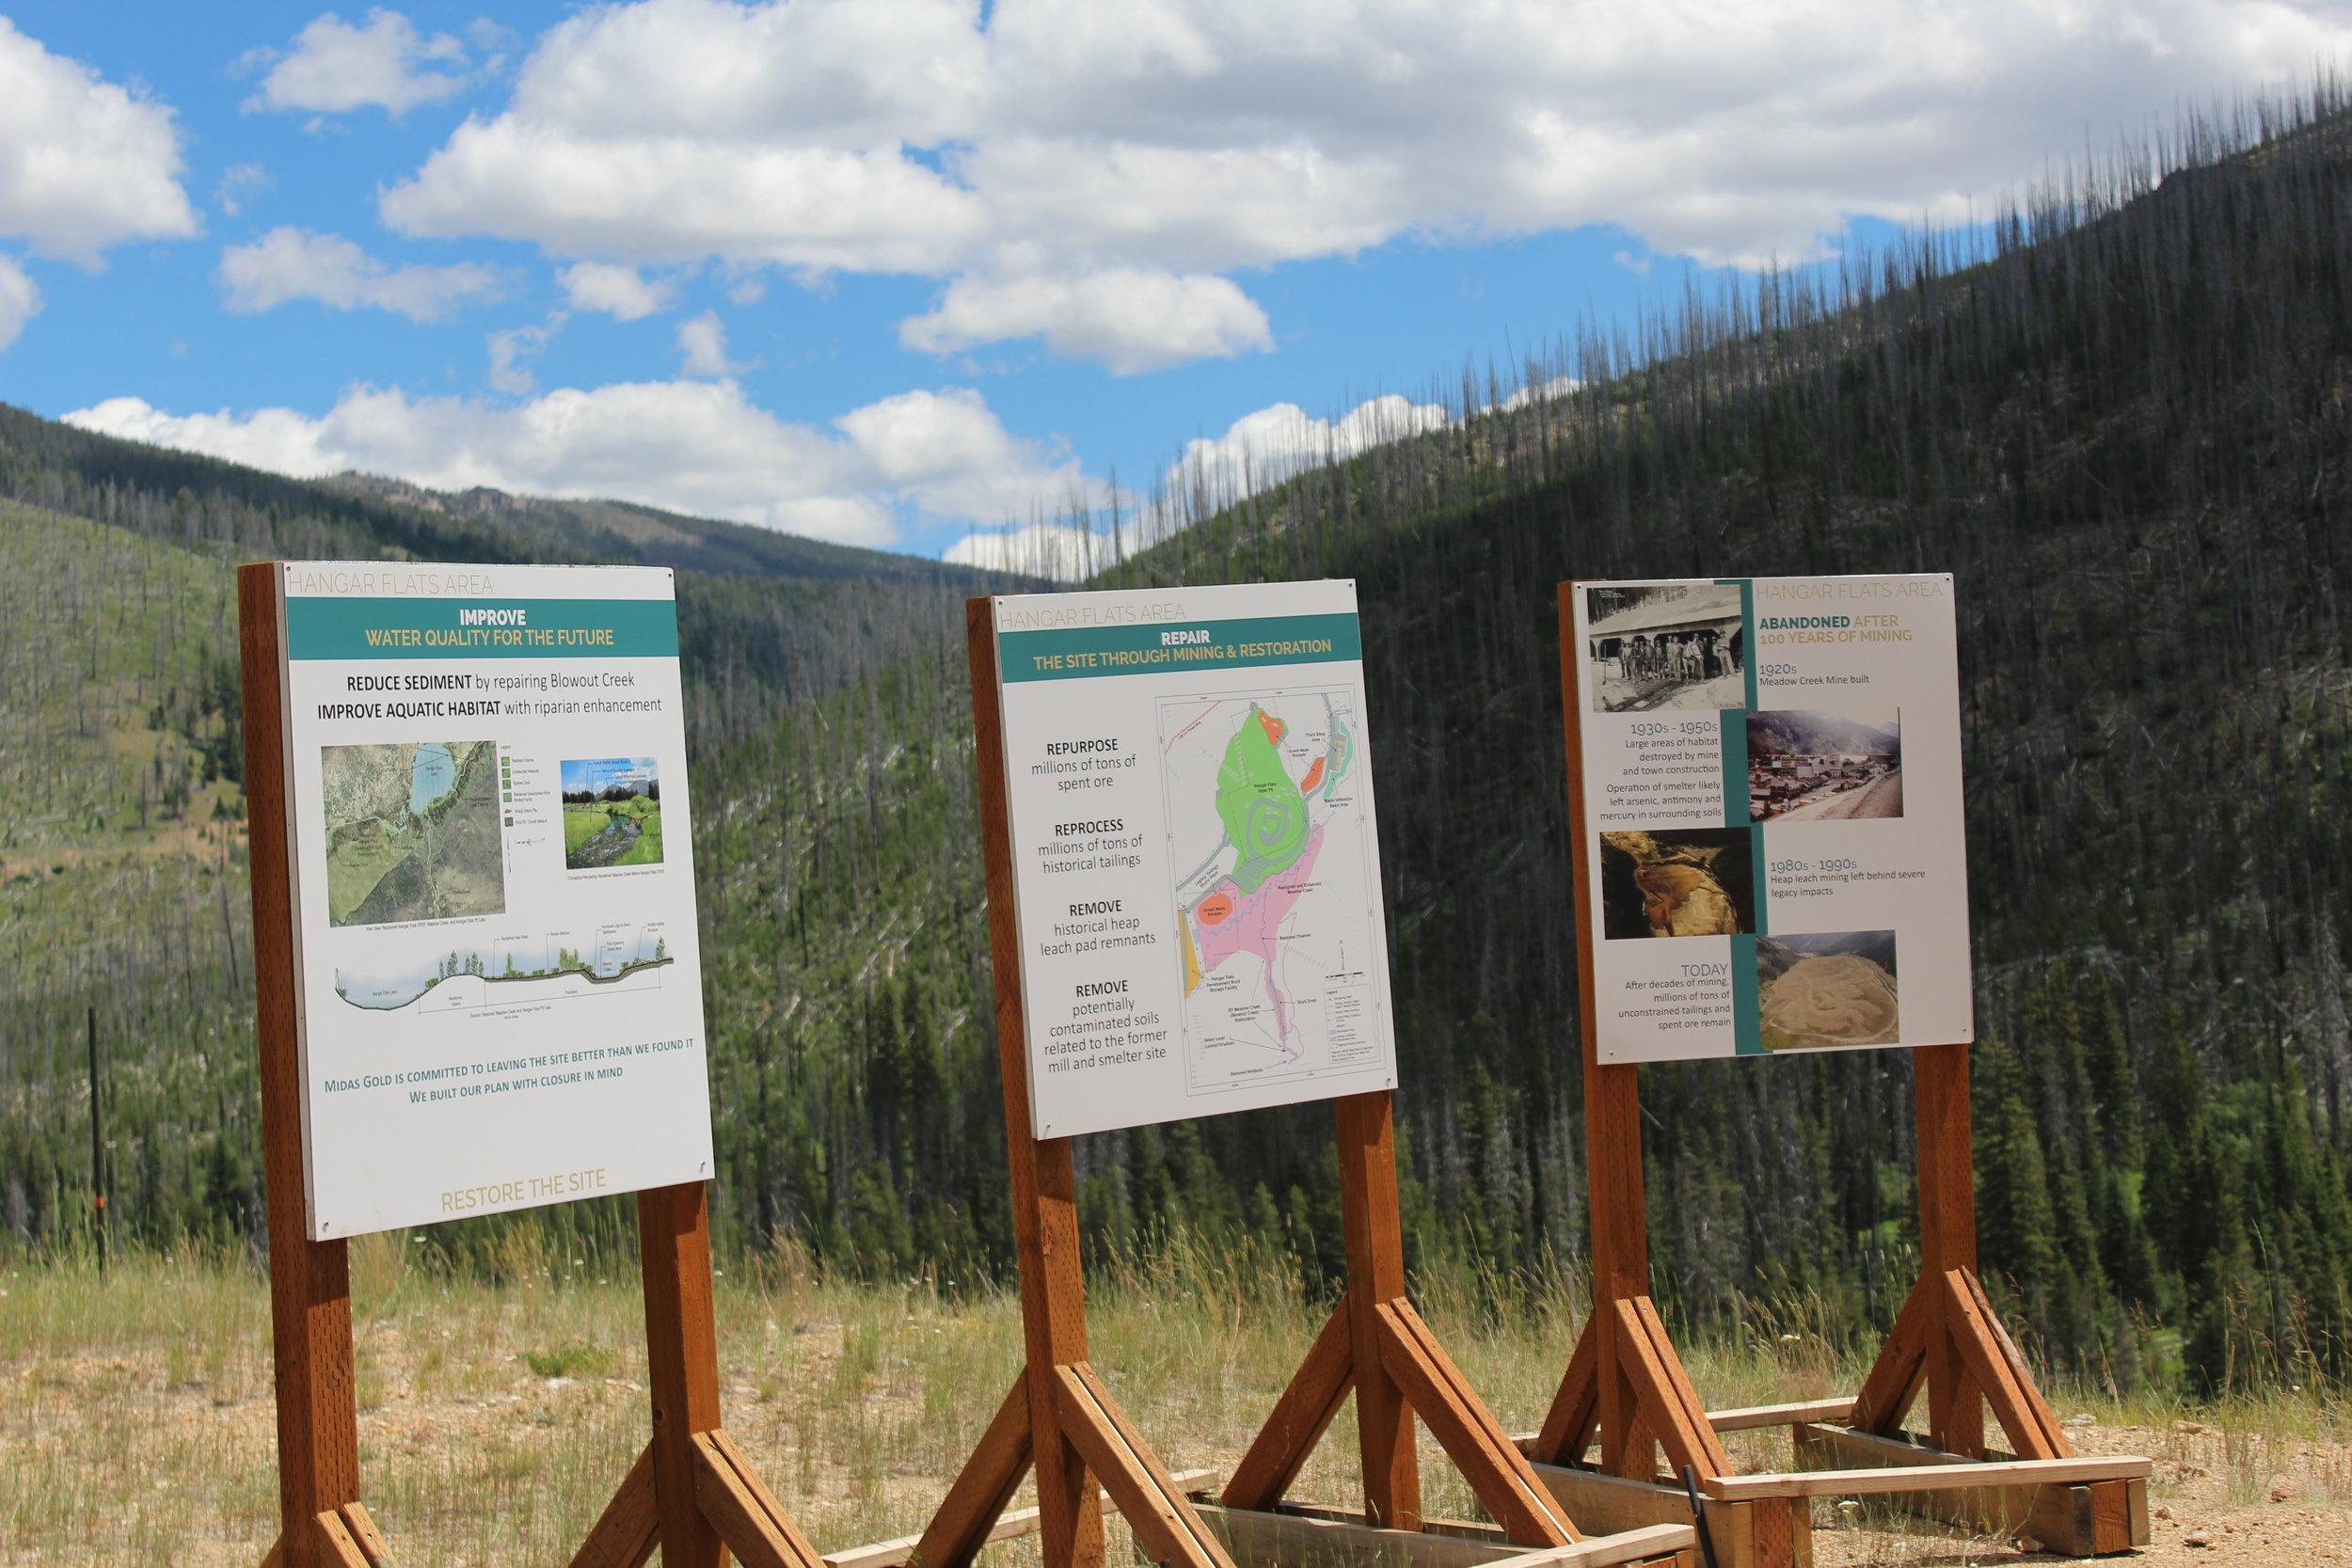 Hanger Flats/Meadow Creek area